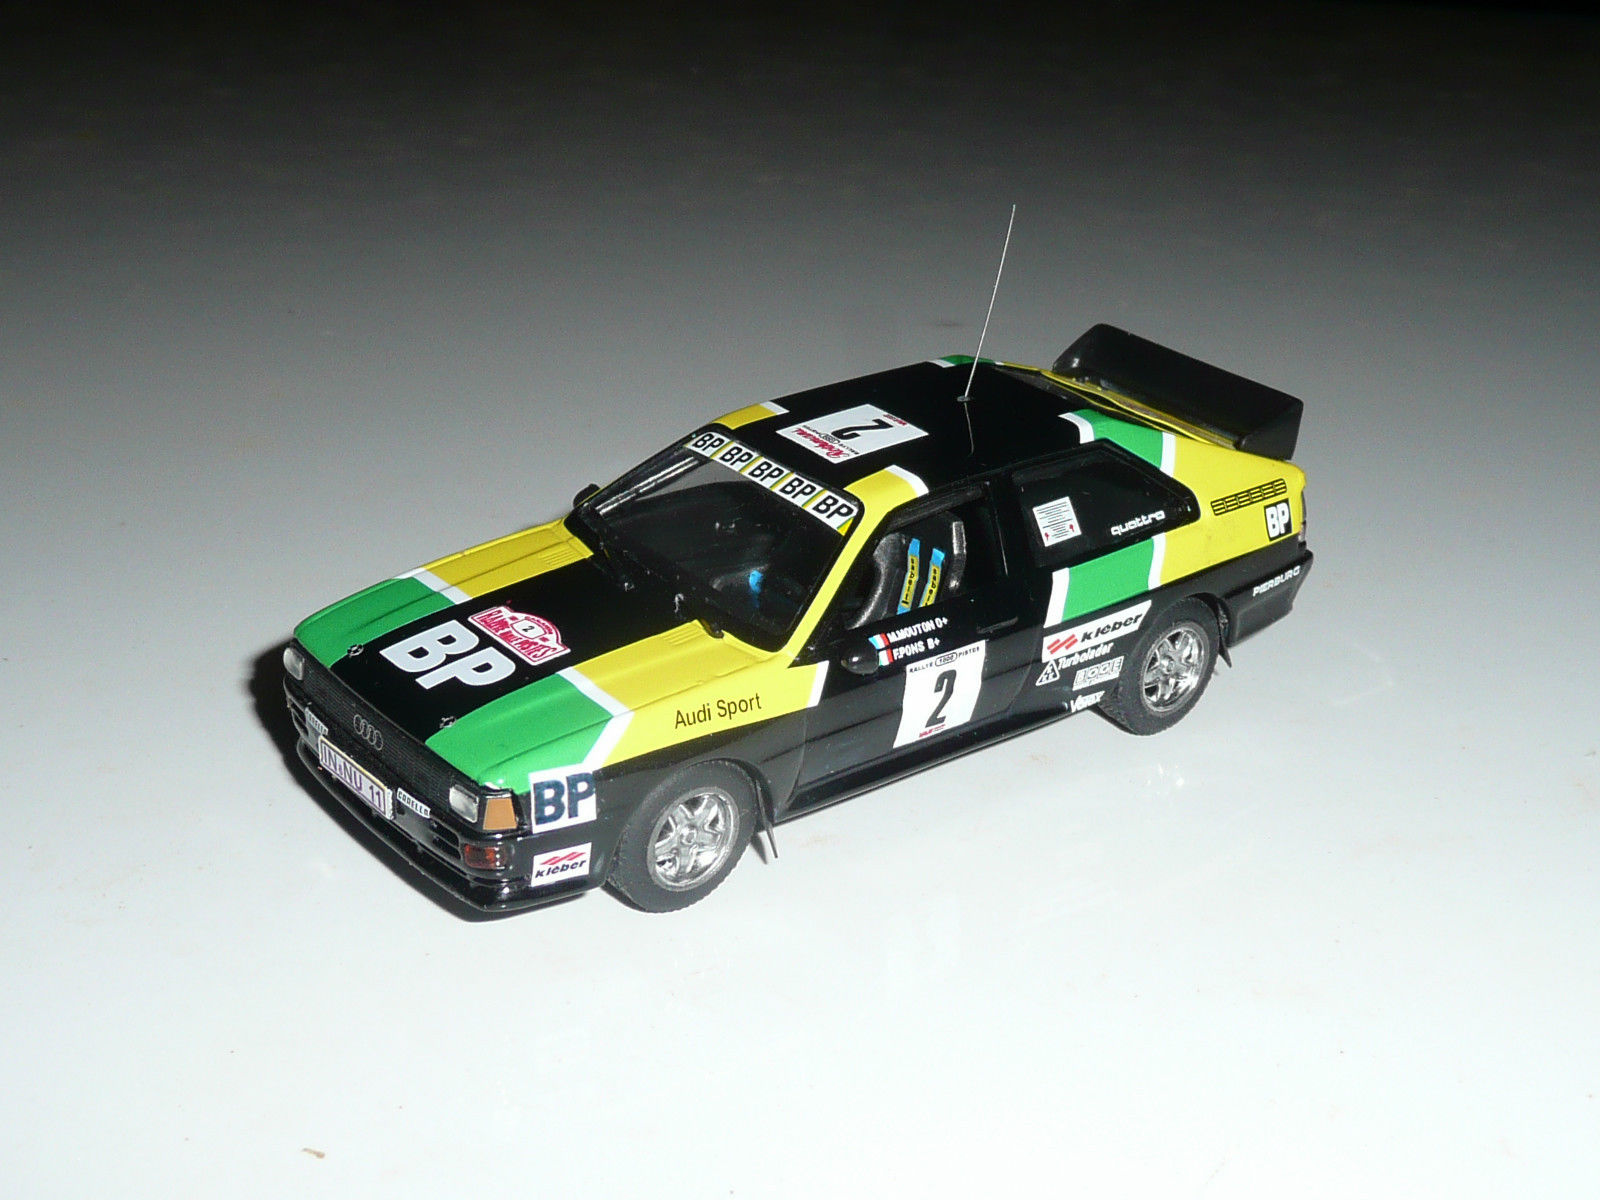 Audi Quattro GrB - Michèle Mouton - Rallye 1000 Pistes 1981